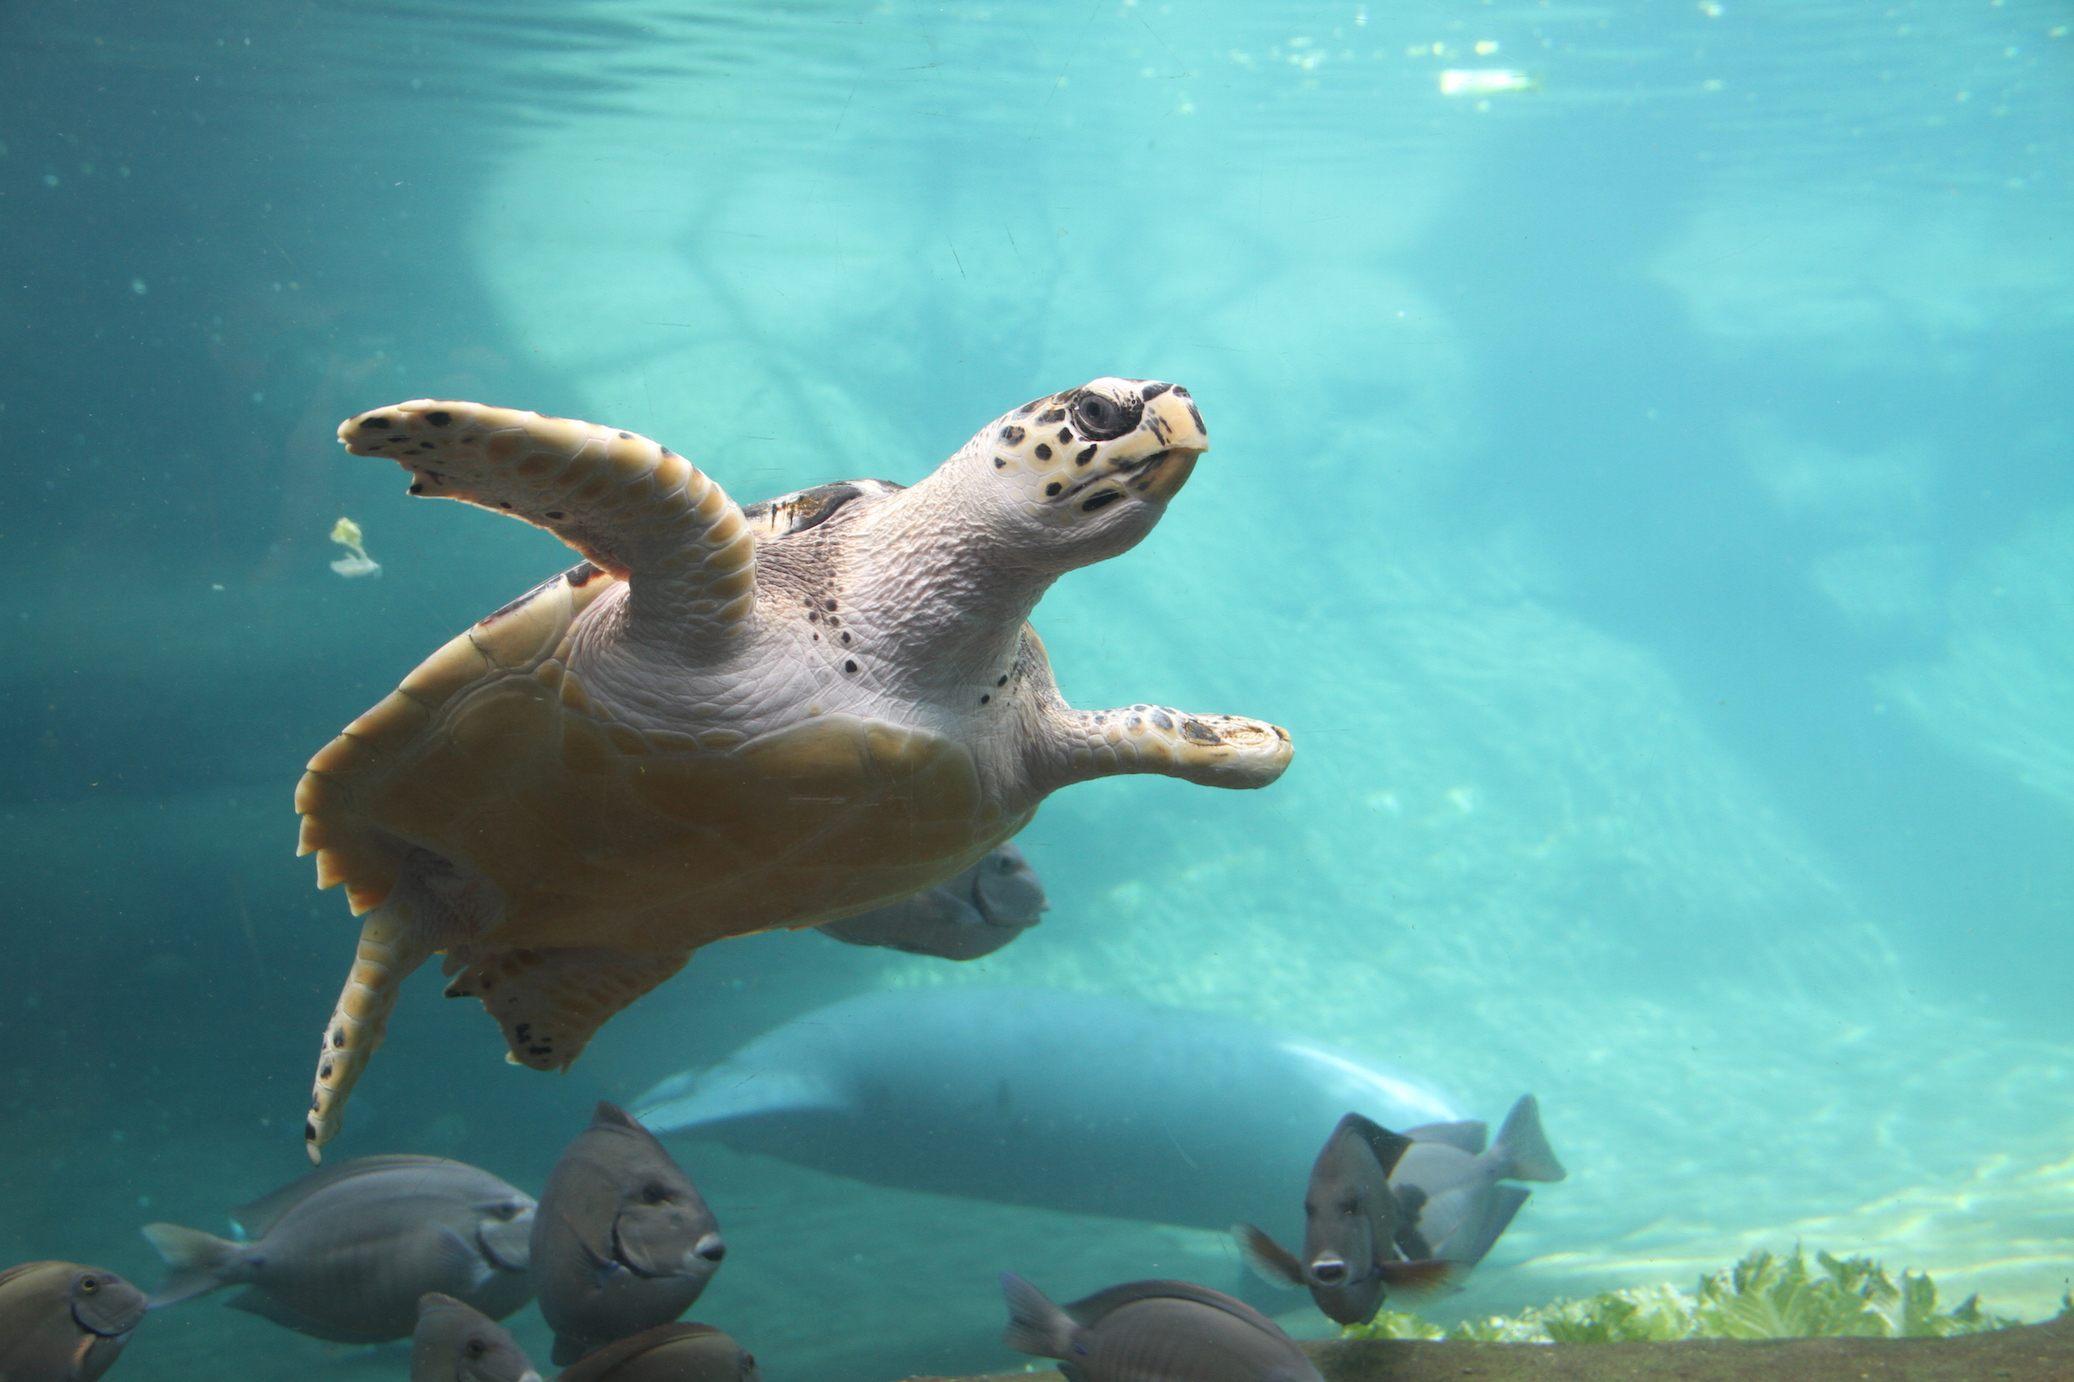 Turtle at Columbus Zoo and Aquarium